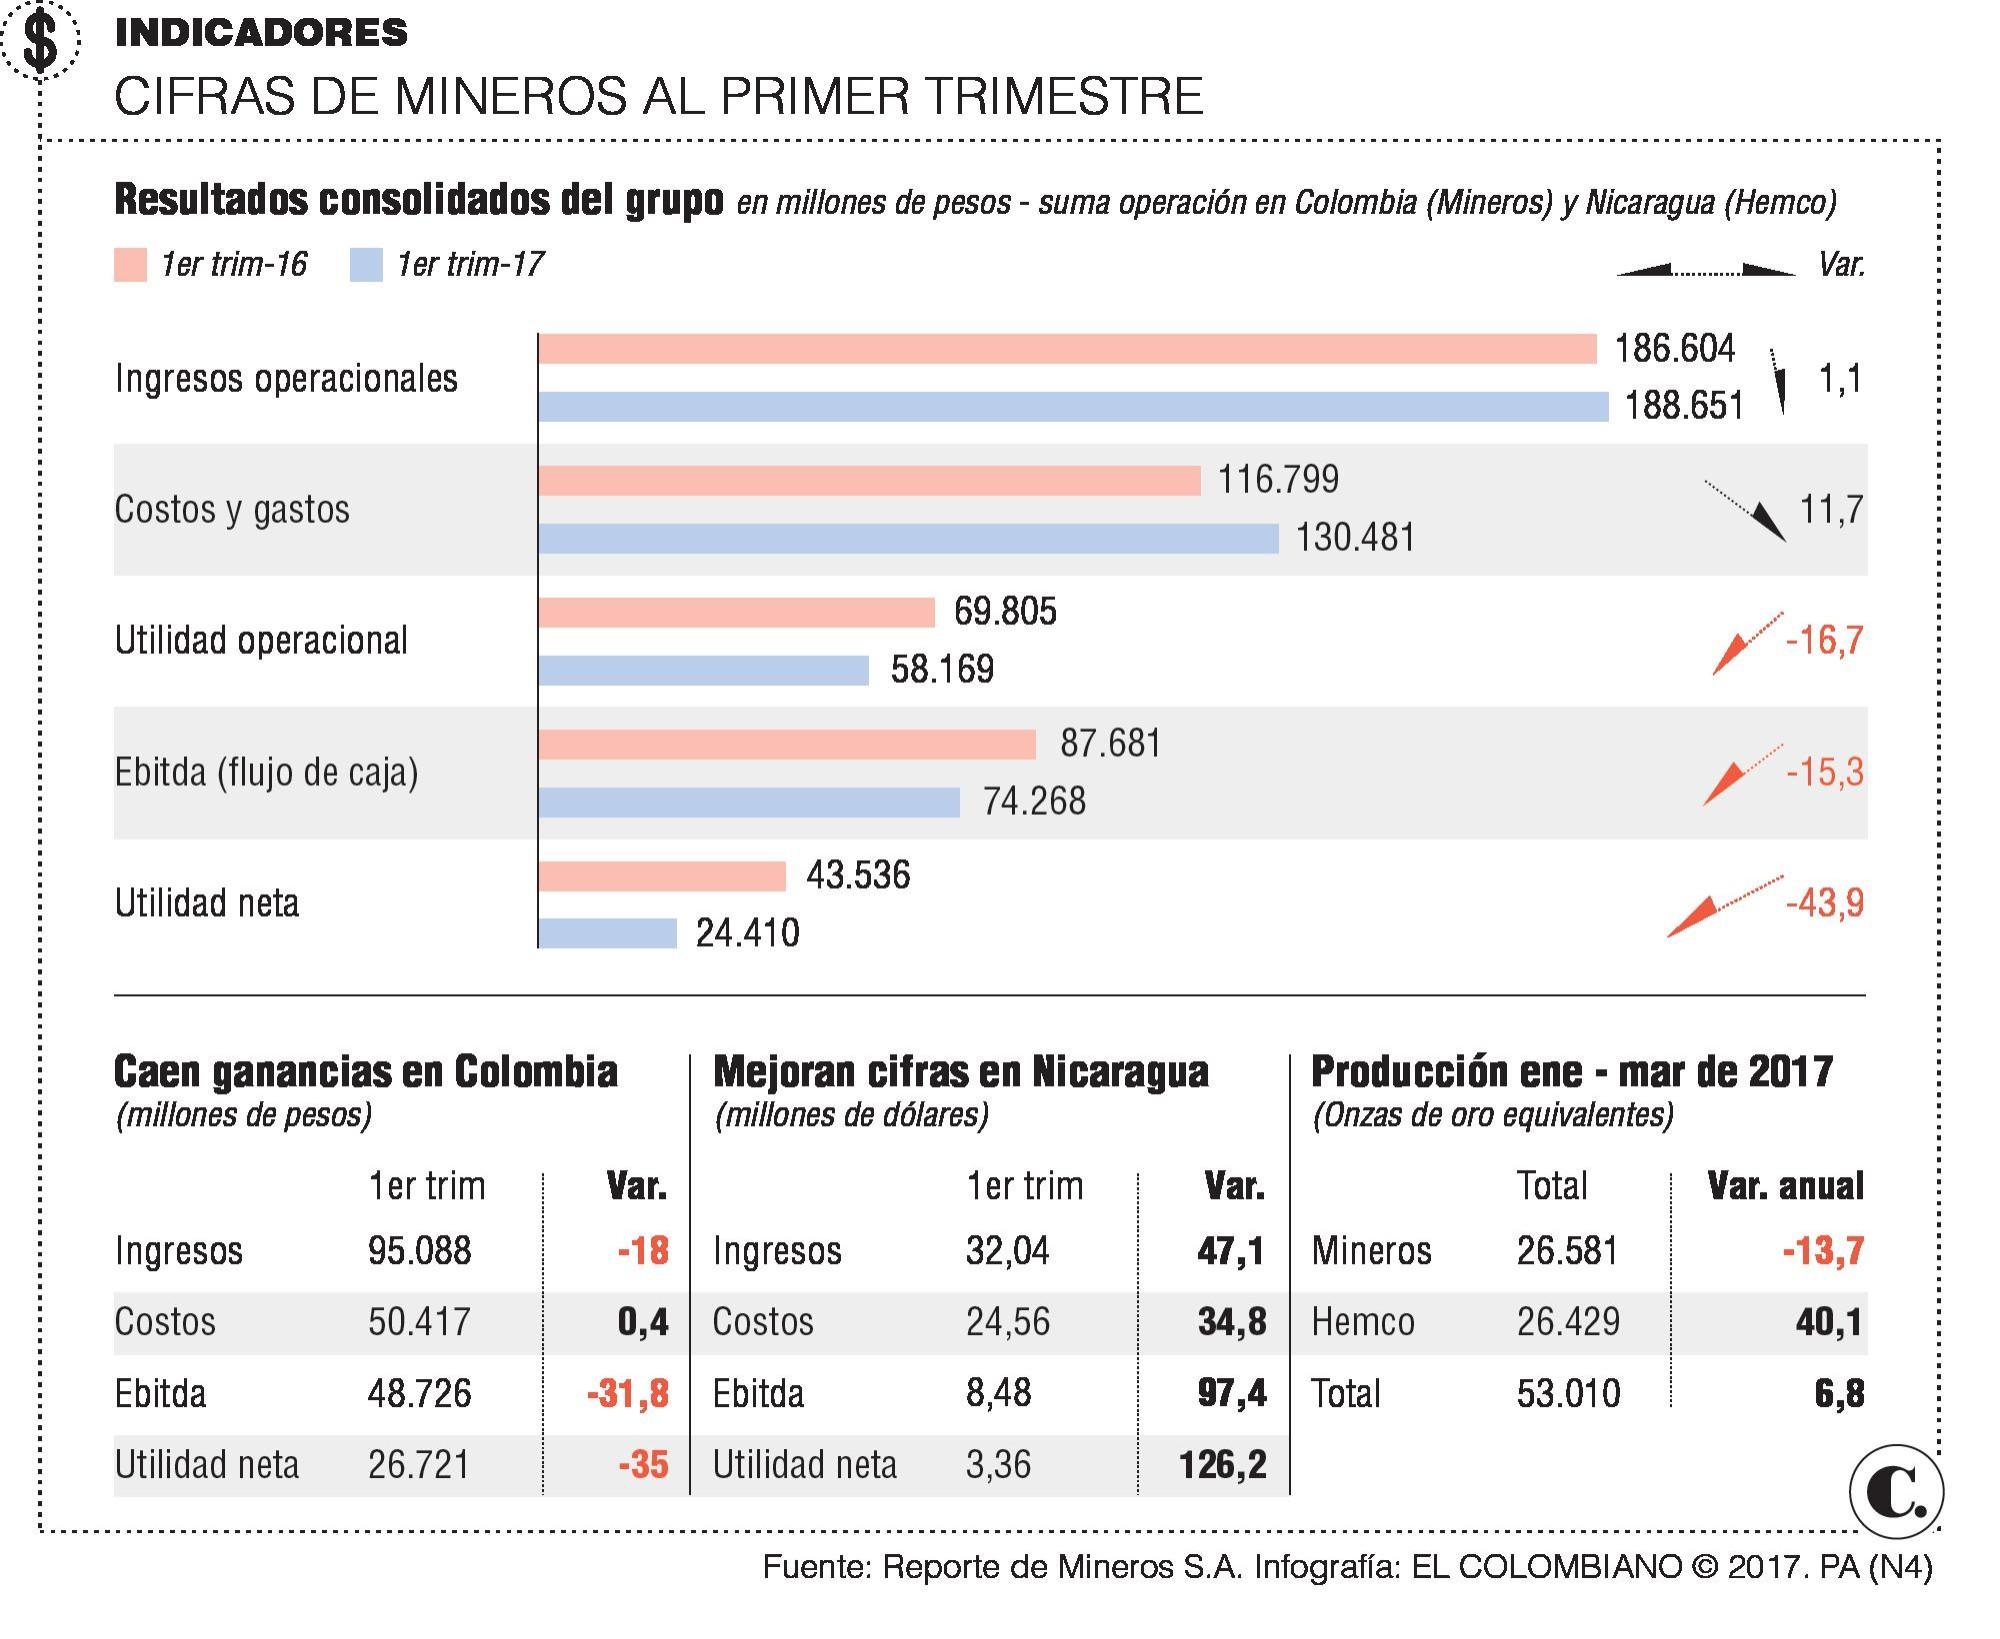 Resultados de Mineros al primer trimestre del año